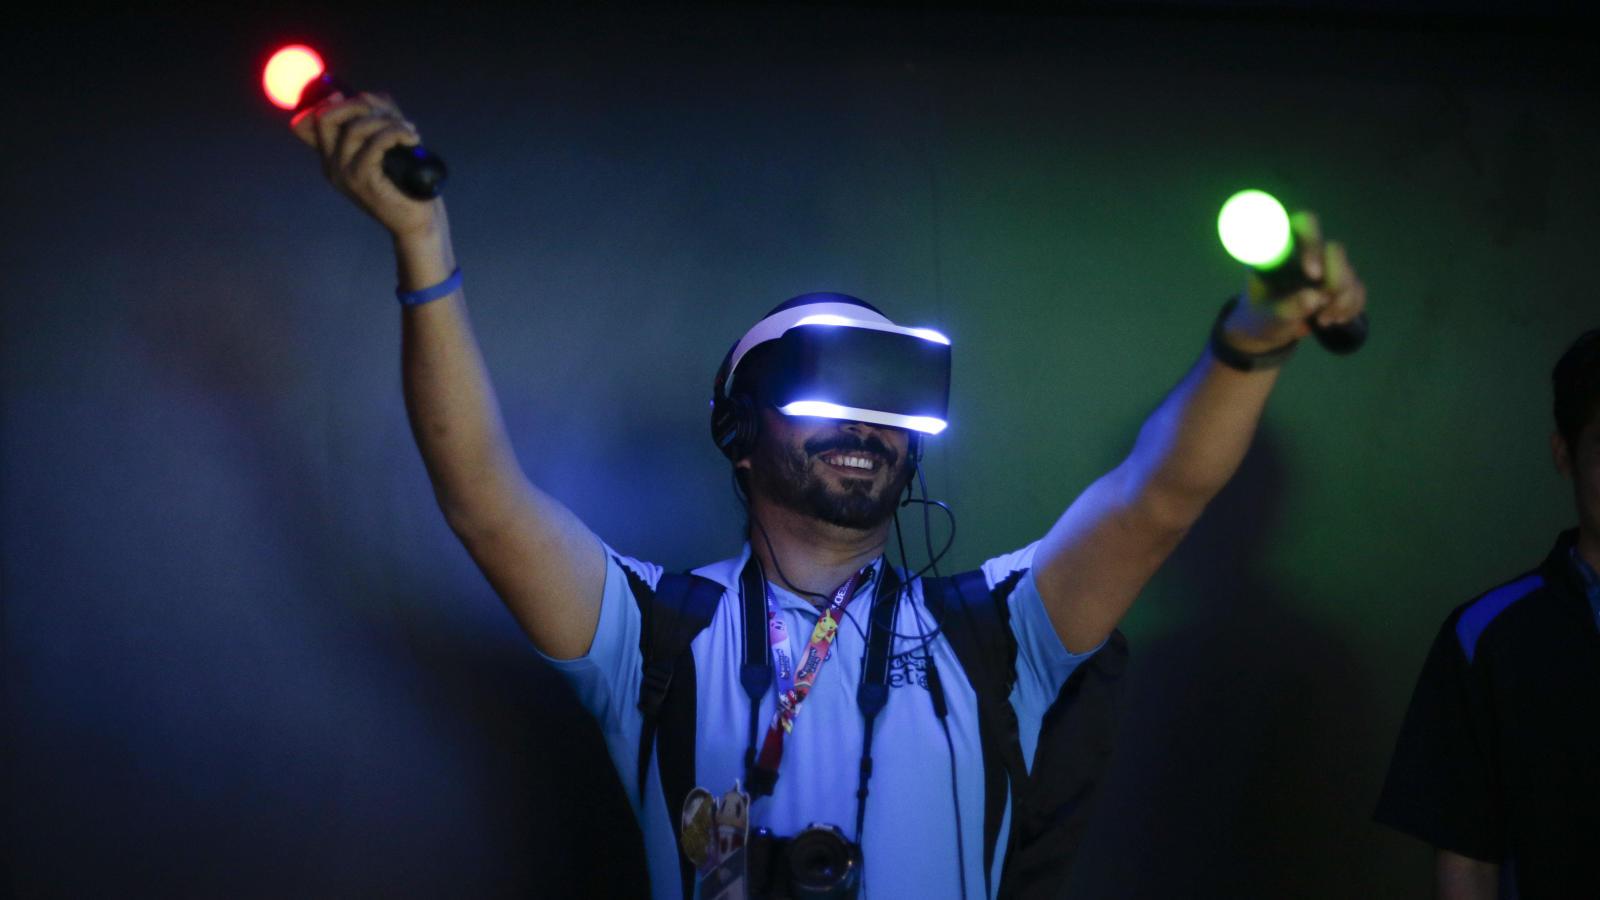 Conciertos con gafas de realidad virtual